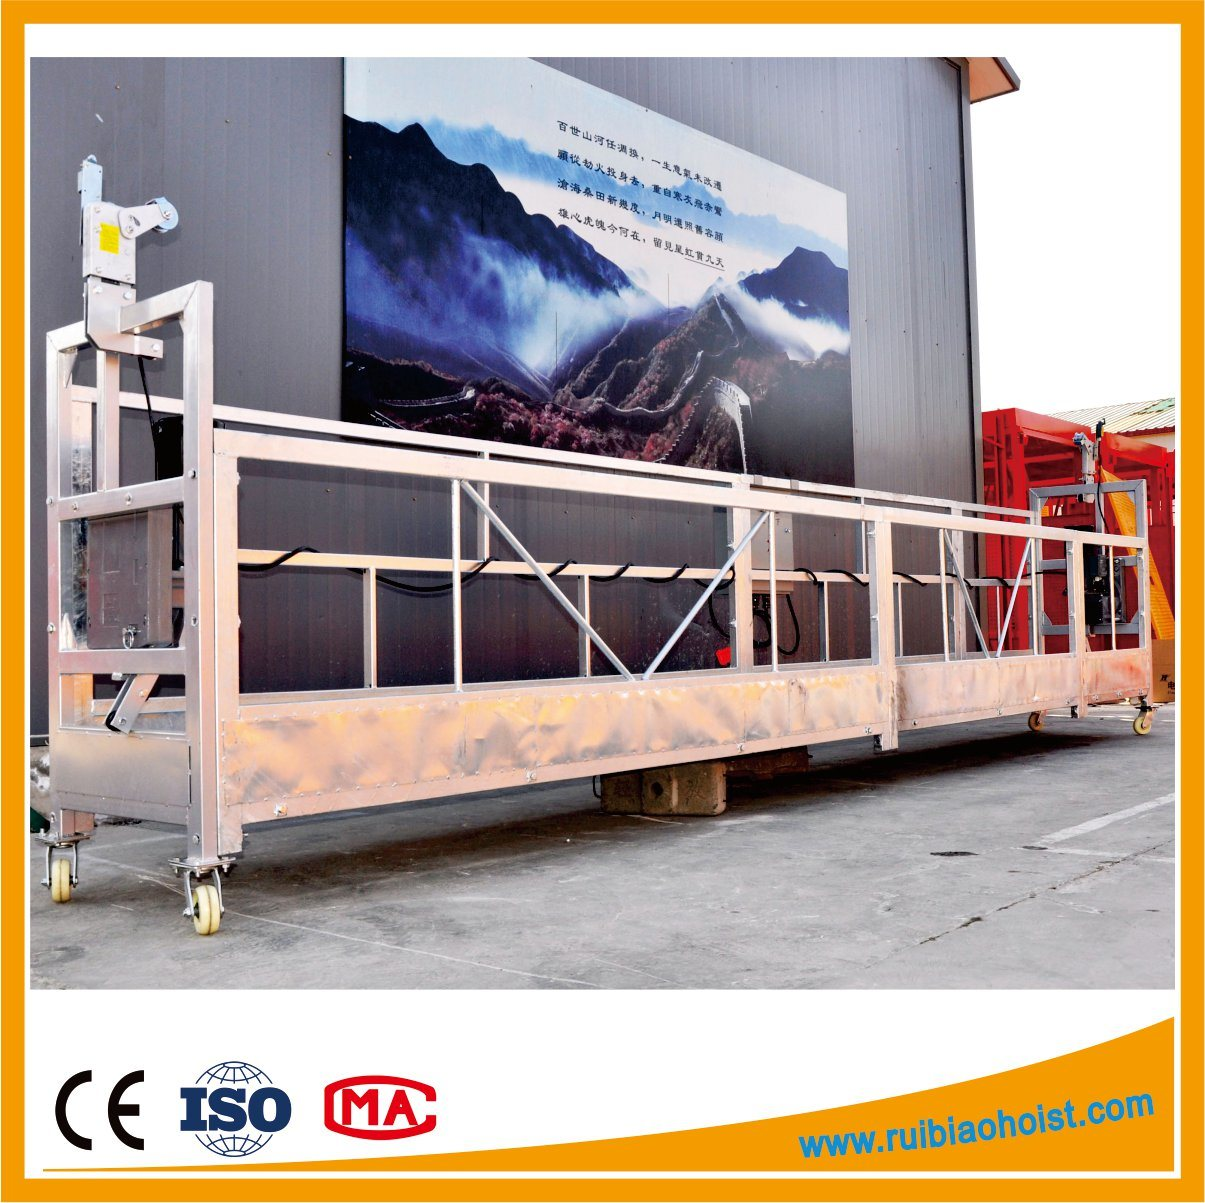 Zlp500/Zlp630/Zlp800/Zlp1000 Aluminum Suspended Platform, Galvanized Construction Gondola